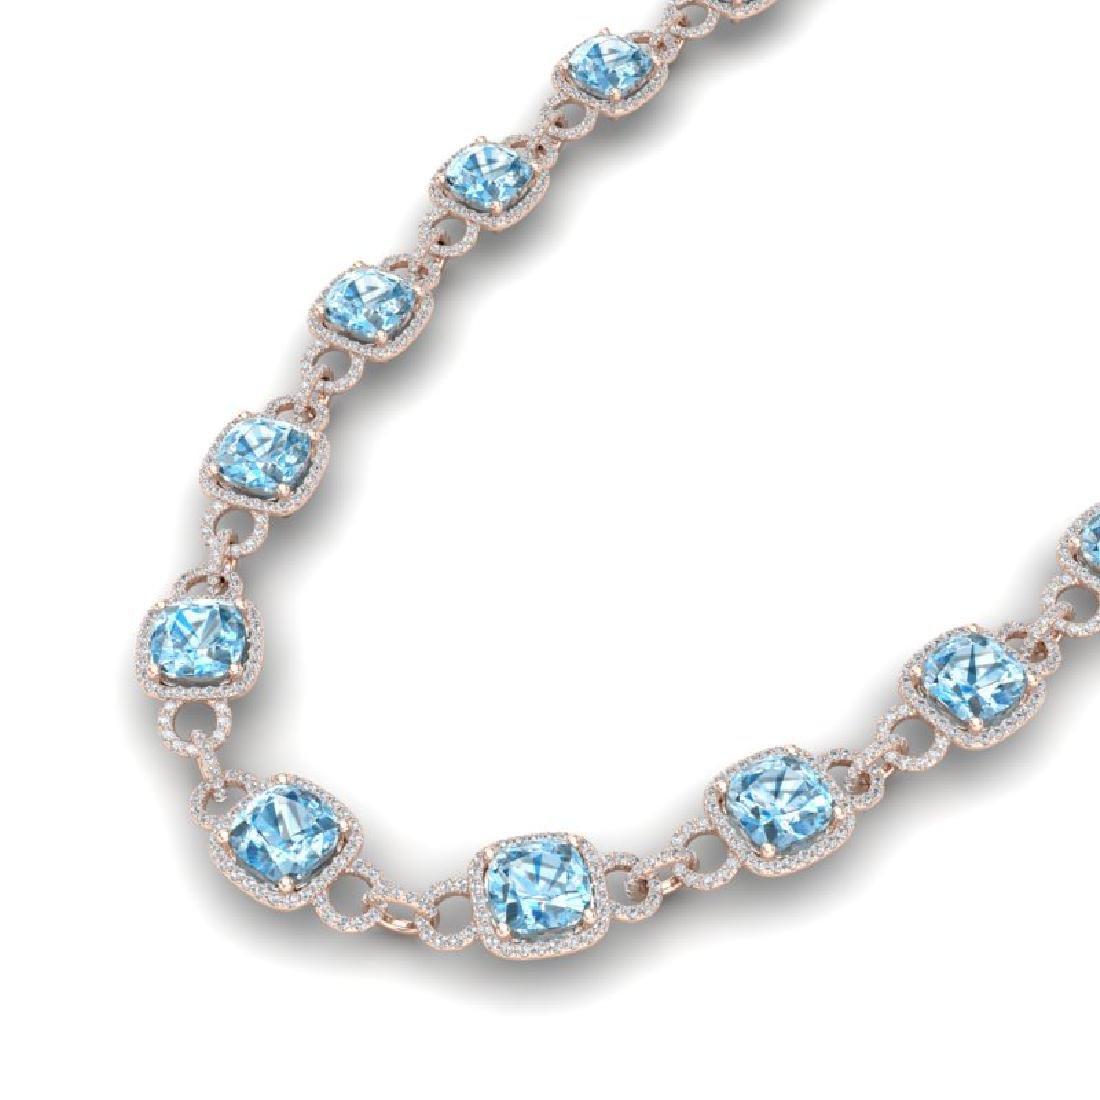 66 CTW Topaz & VS/SI Diamond Necklace 14K Rose Gold